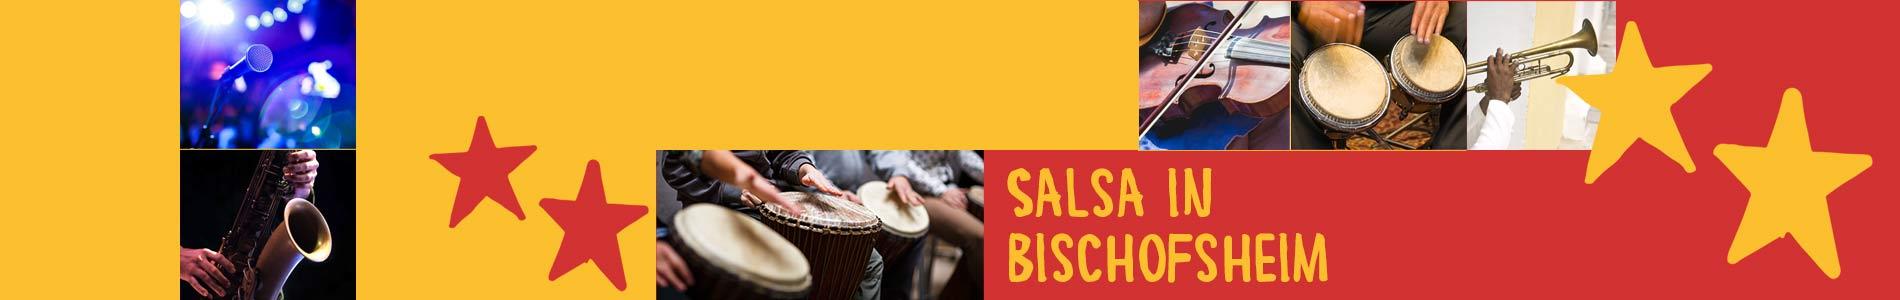 Salsa in Bischofsheim – Salsa lernen und tanzen, Tanzkurse, Partys, Veranstaltungen